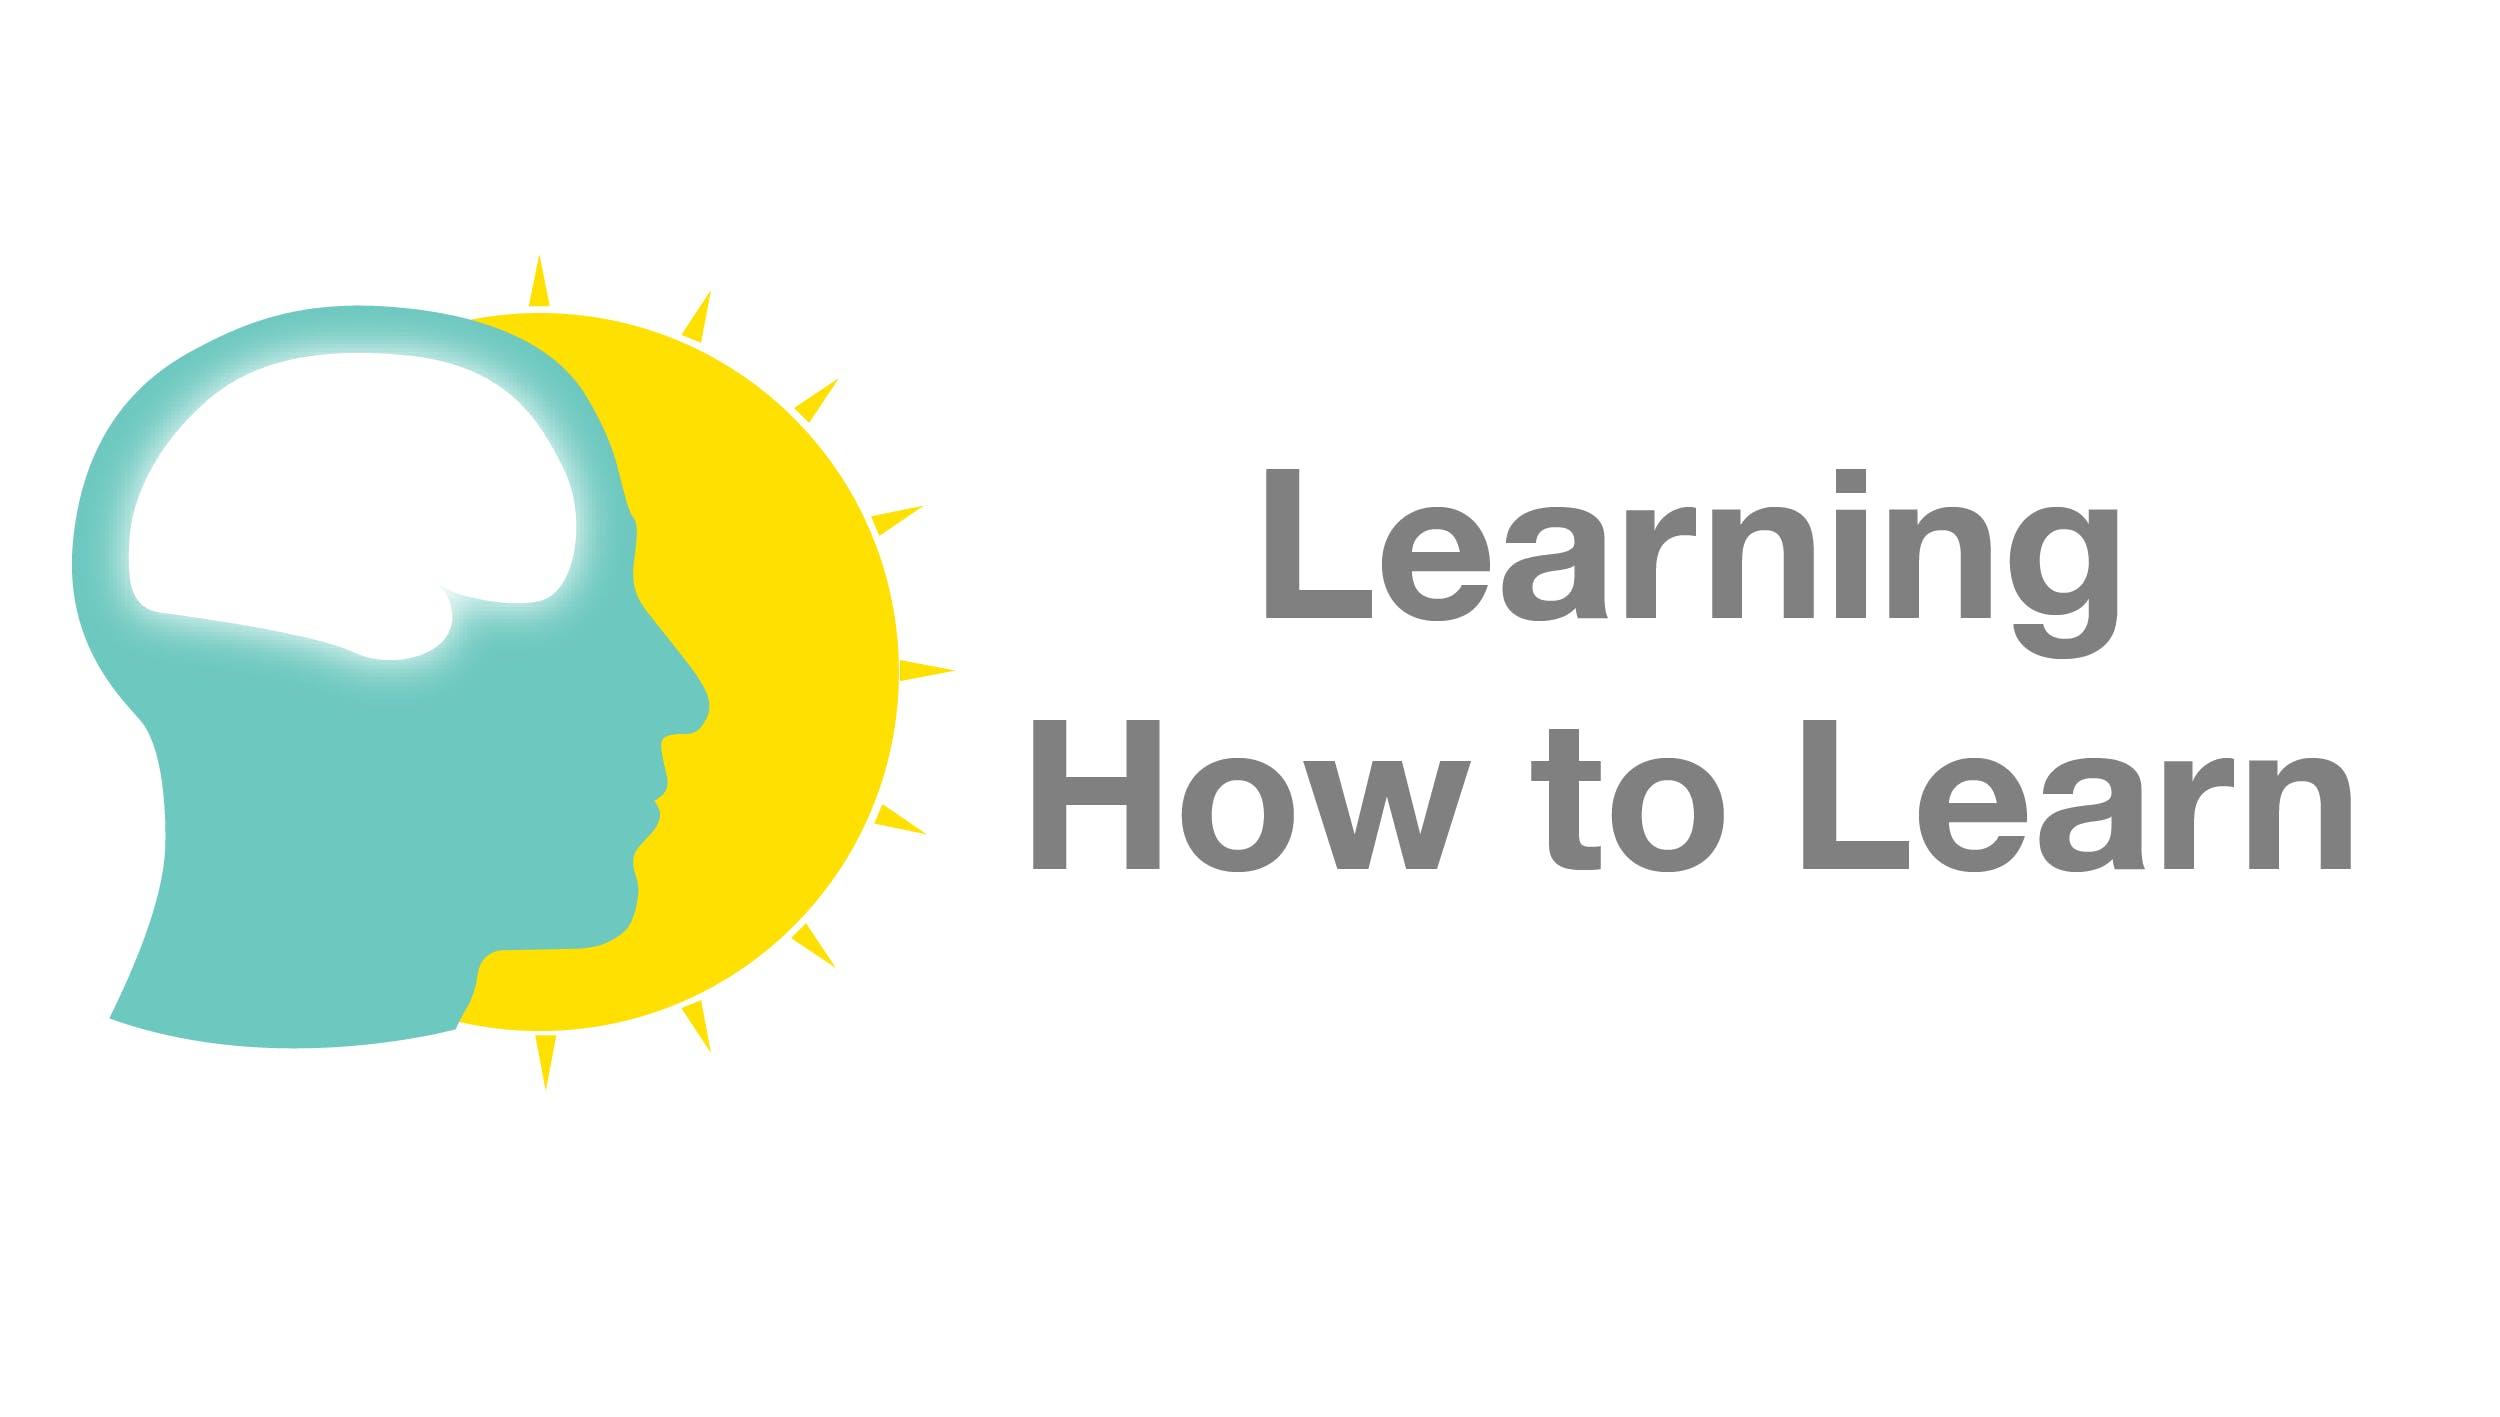 تعّلم كيف تتعلم: أدوات ذهنية قوية لمساعدتك على إتقان موضوعات صعبة